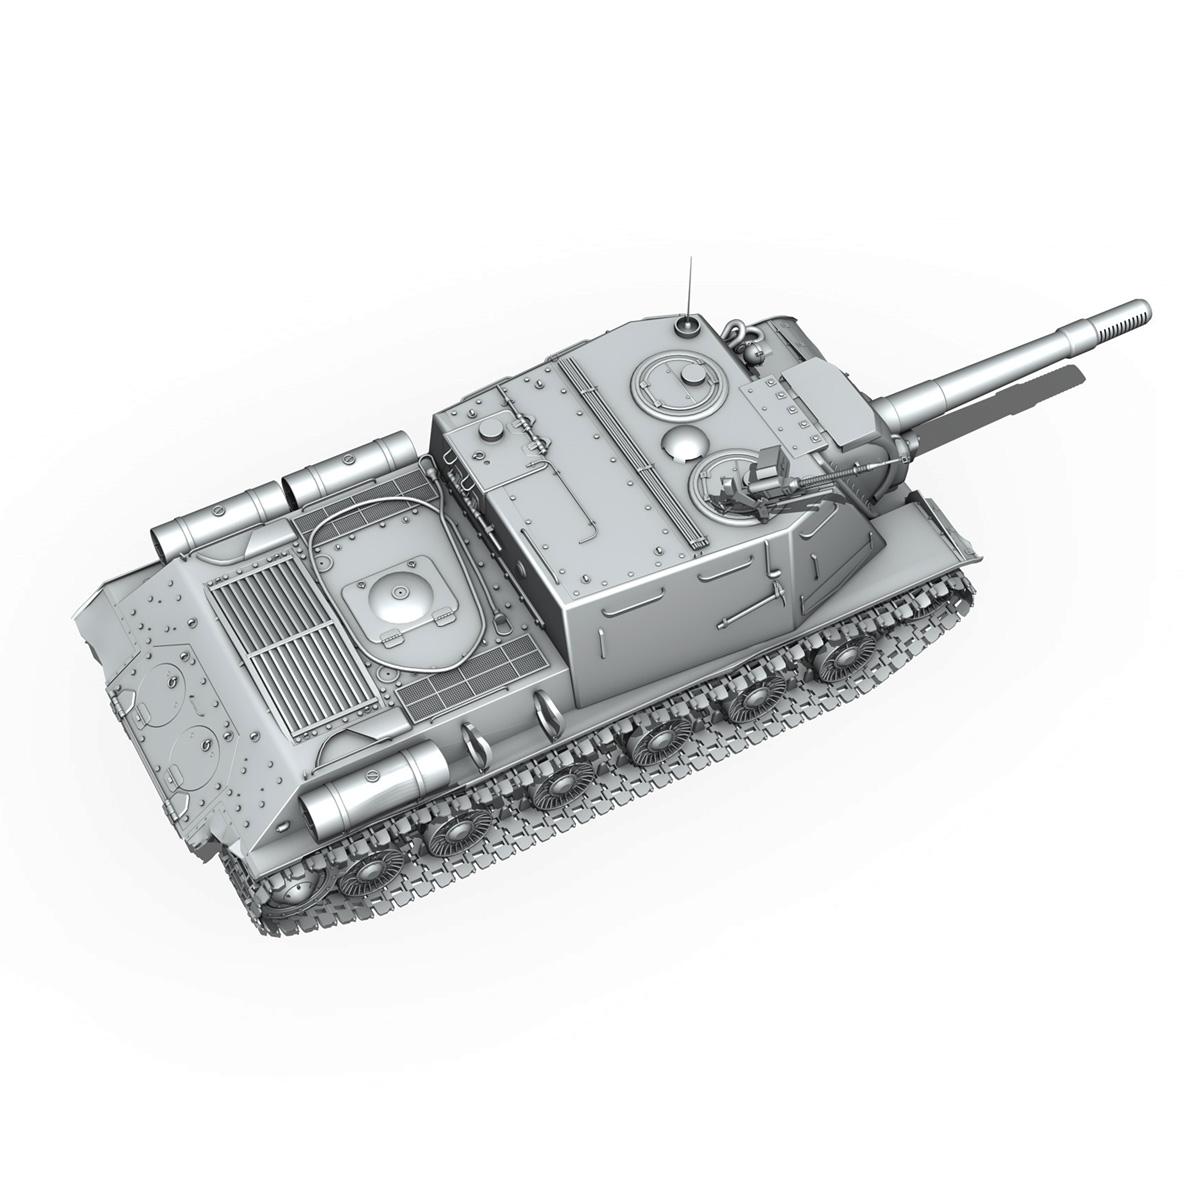 isu 152 soviet heavy self propelled gun v2 3d model 3ds fbx c4d lwo obj 188879